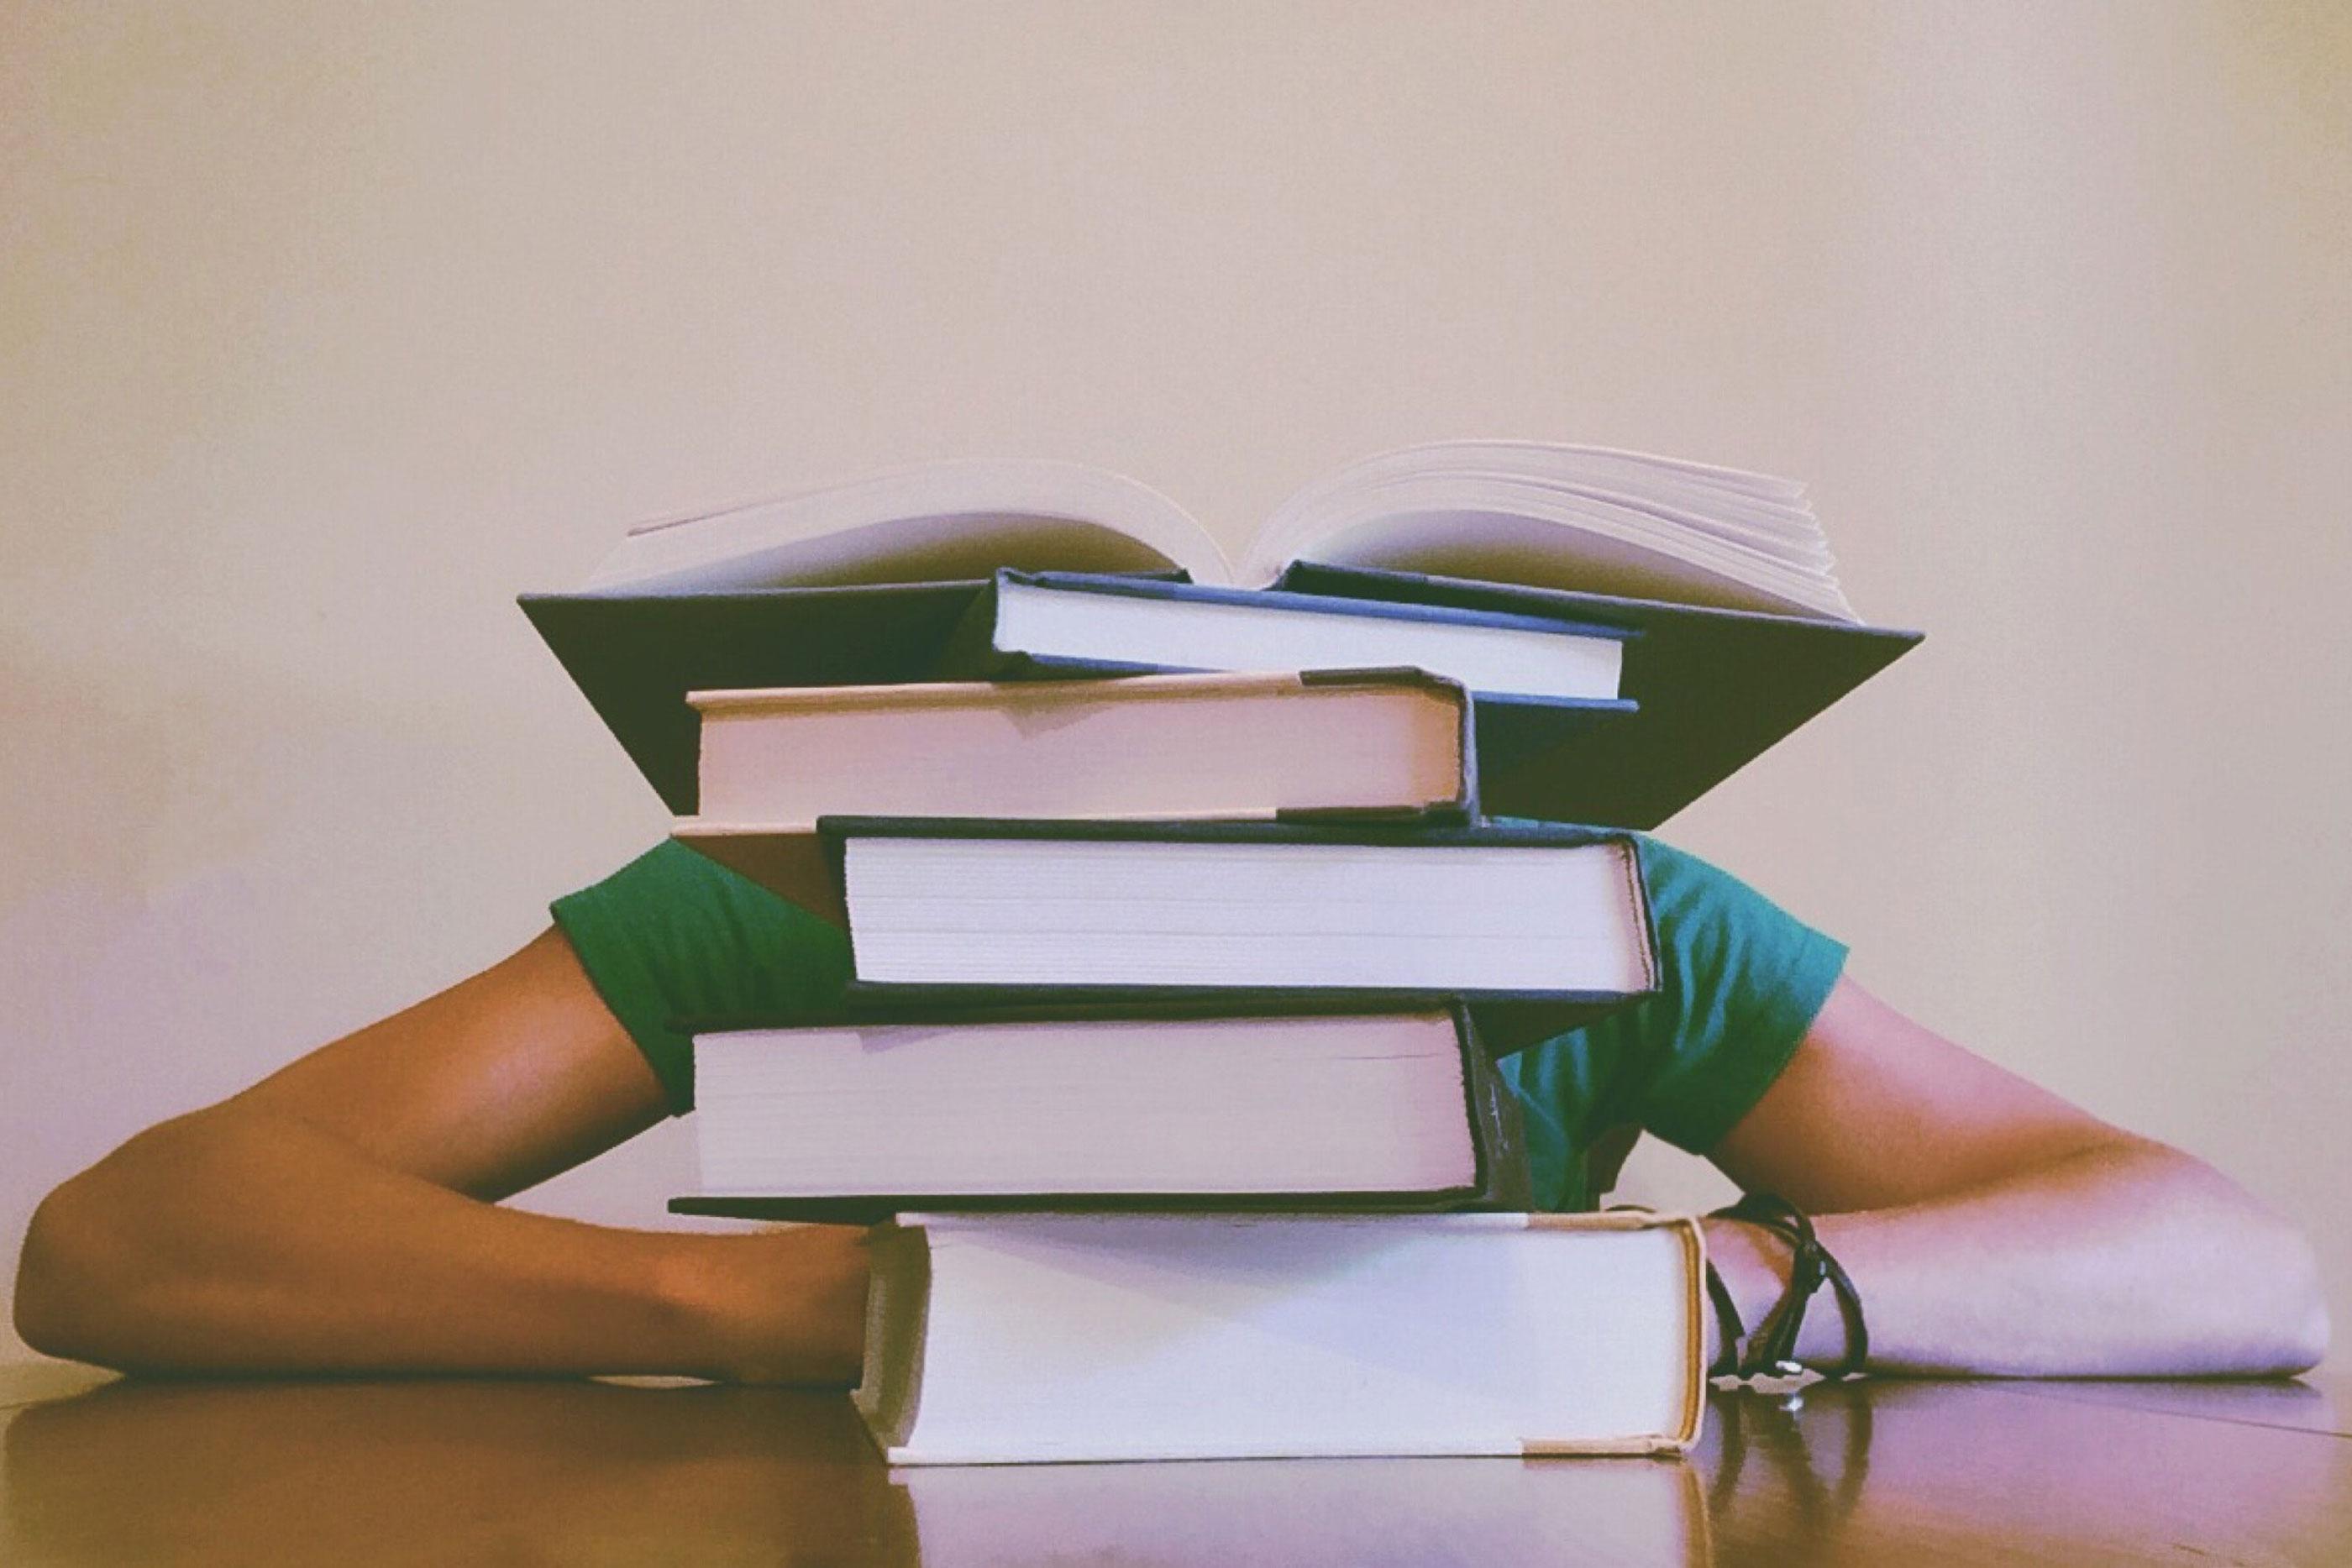 Vários livros empilhados numa mesa, representando o excesso de trabalho que o aluno terá de fazer. A quantidade de livros é tanta que não dá para ver a cara da pessoa. A pessoa está debruçada sobre a mesa.